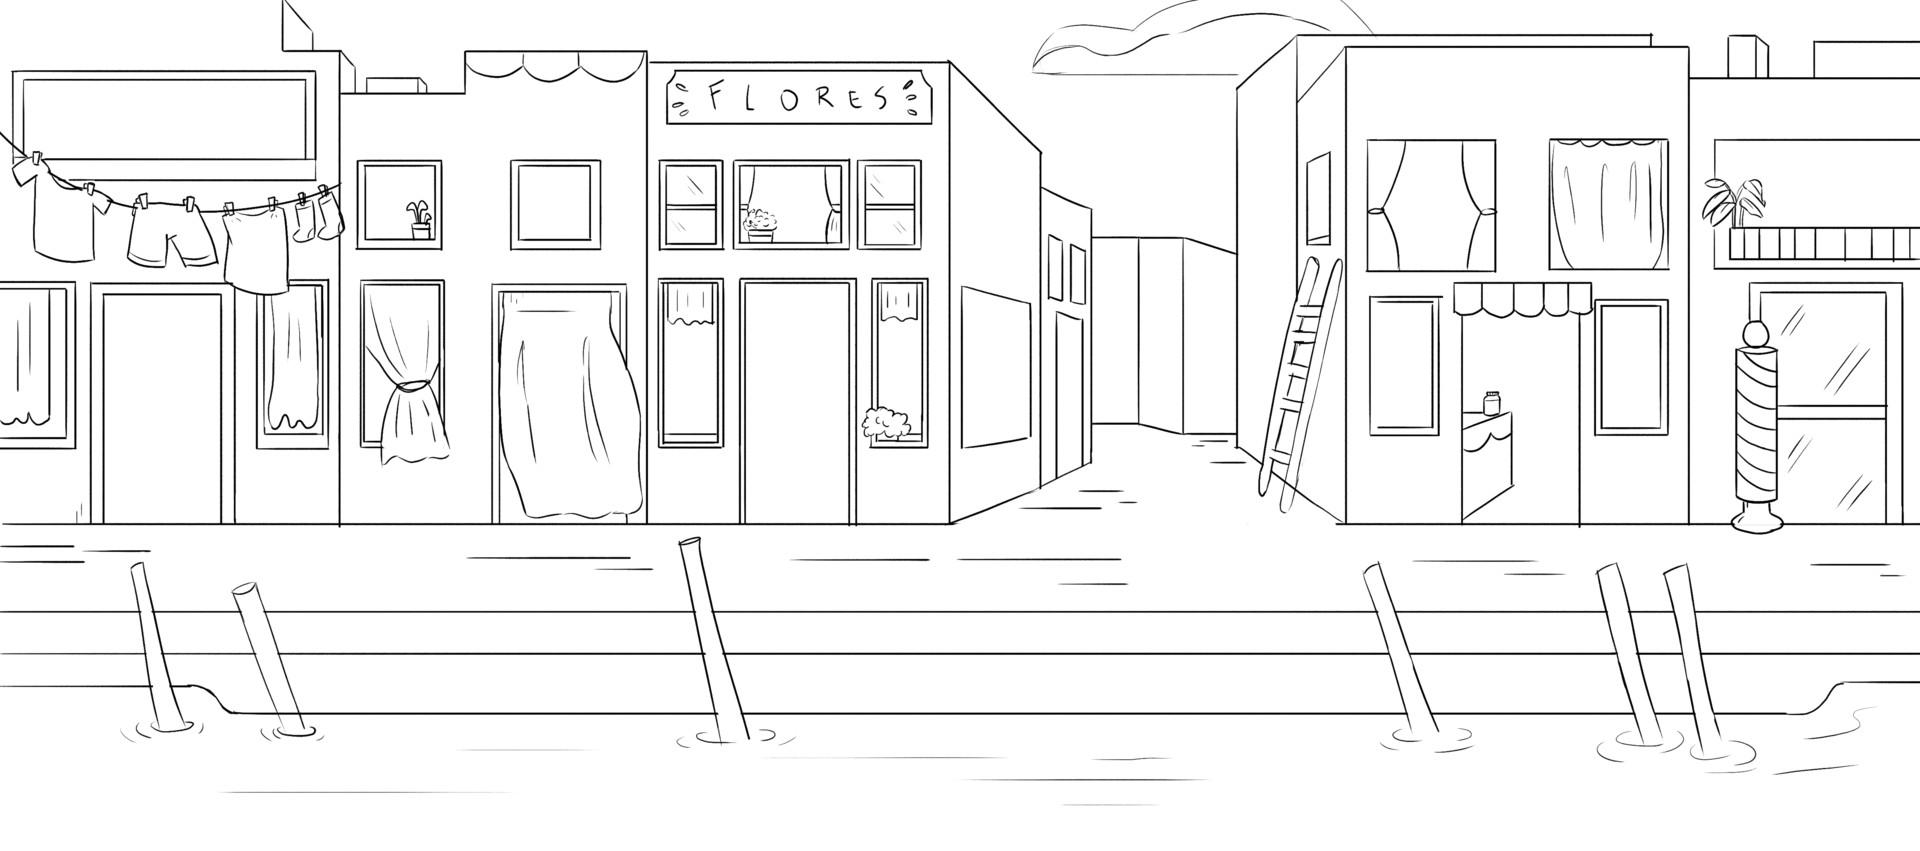 Port Scene - Sketch.